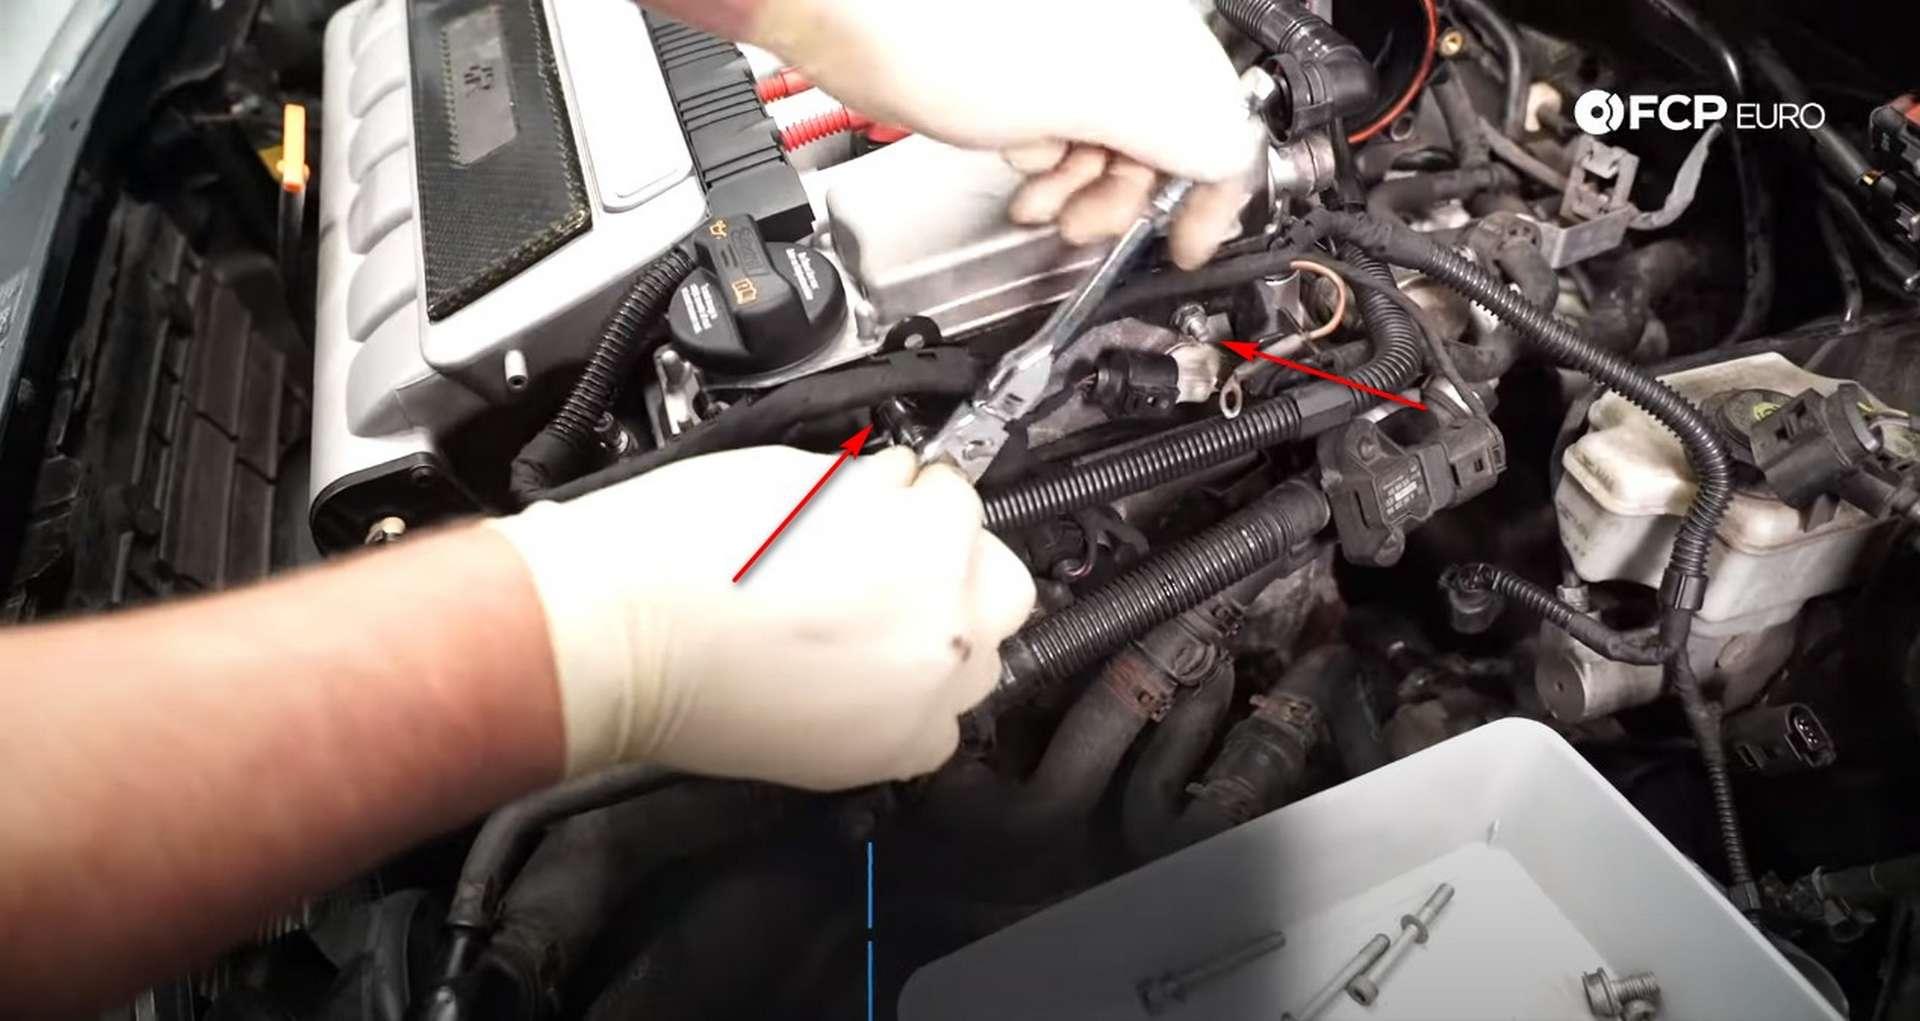 55-DIY-VW-VR6-Valve-Cover-Gasket-Redressing-Engine